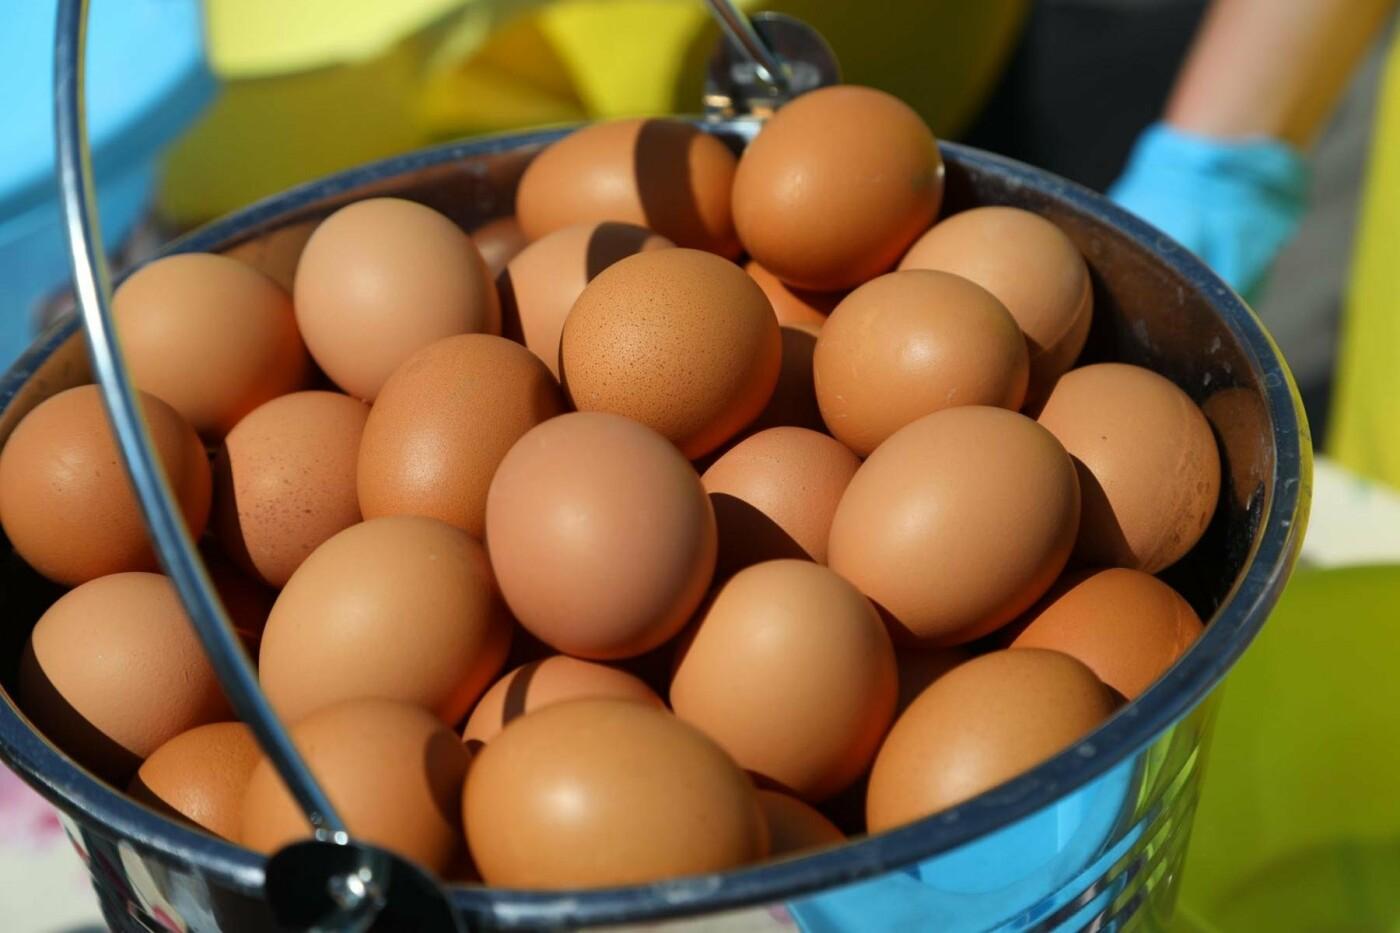 «У кого яйца, тот и прав». Как жители вымышленного города создают культ яичности, фото-30